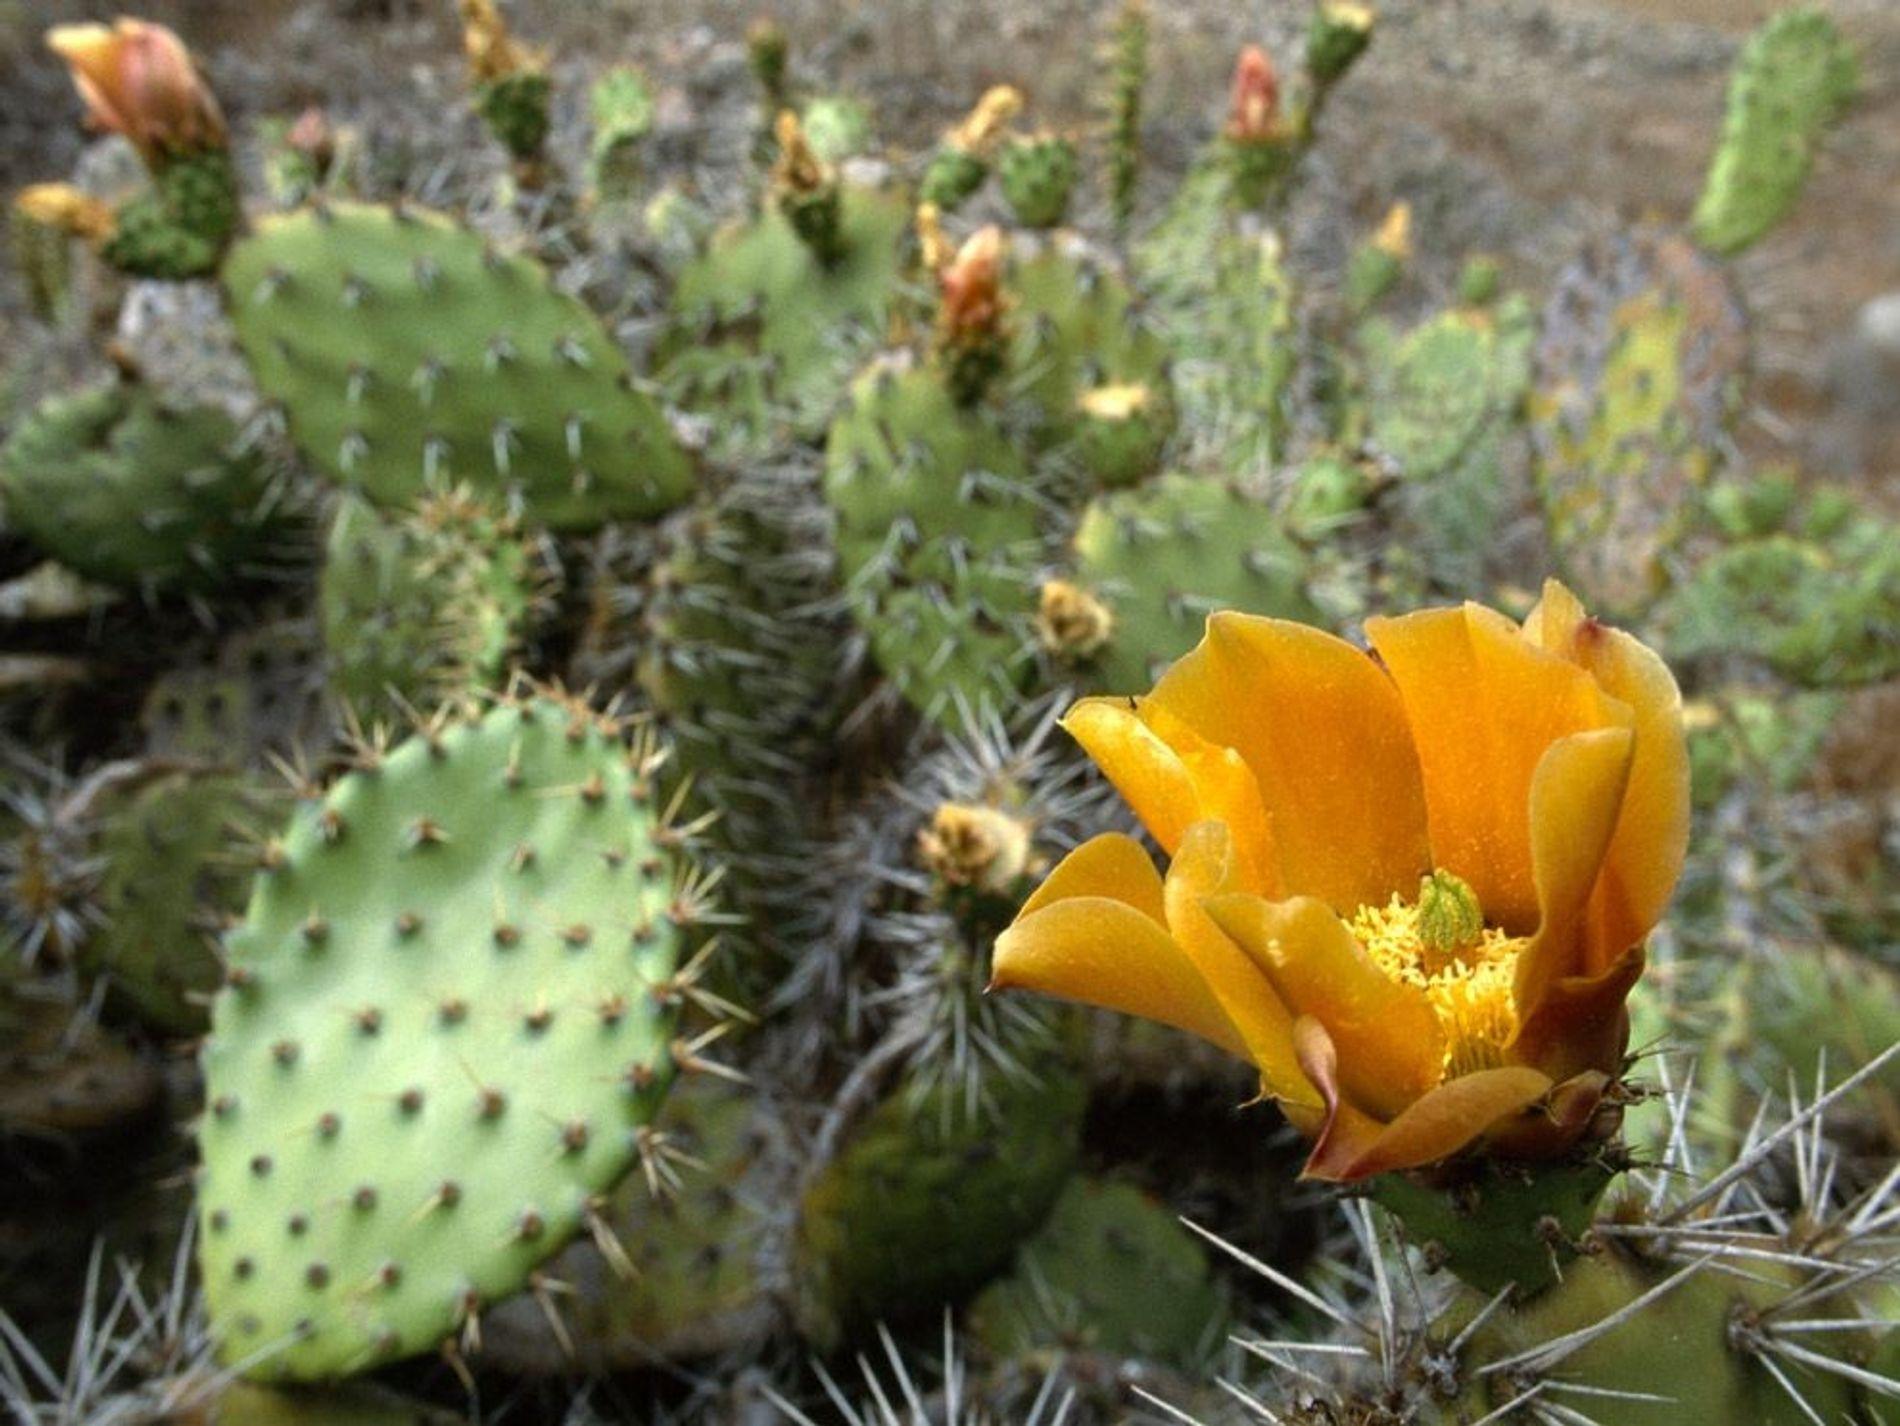 La floraison jaune de ce Figuier de Barbarie illumine ce désert de Californie. Les cactus sont souvent perçus comme les plantes désertiques par excellence alors qu'ils sont rarement l'espèce majoritaire dans les zones désertiques.